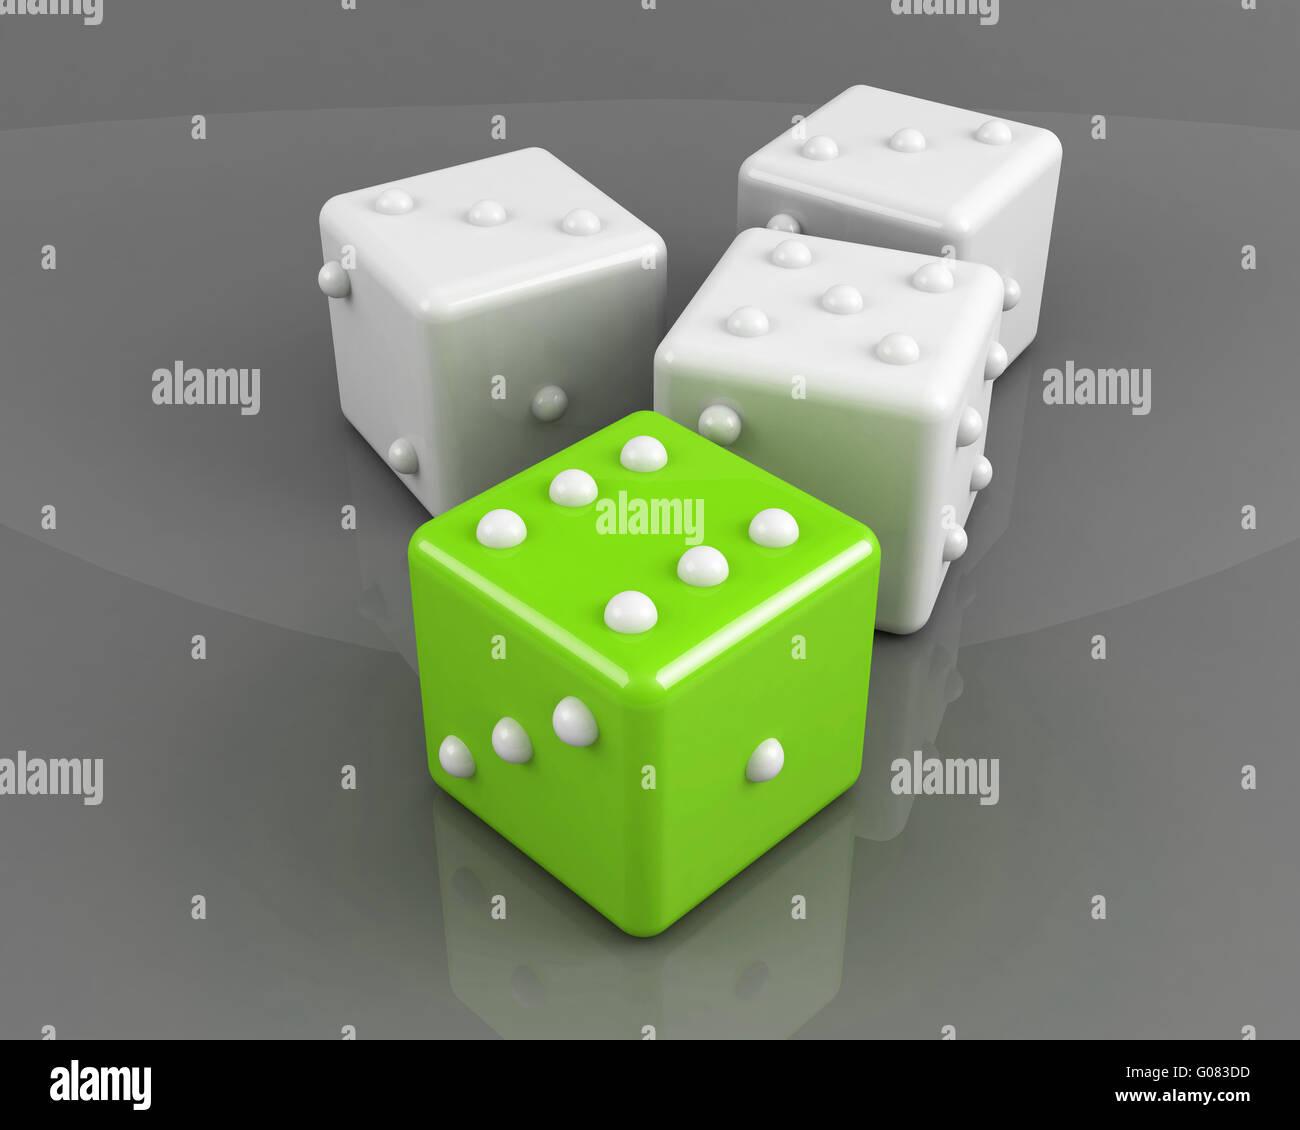 Verde dadi vincente su sfondo grigio concept Immagini Stock